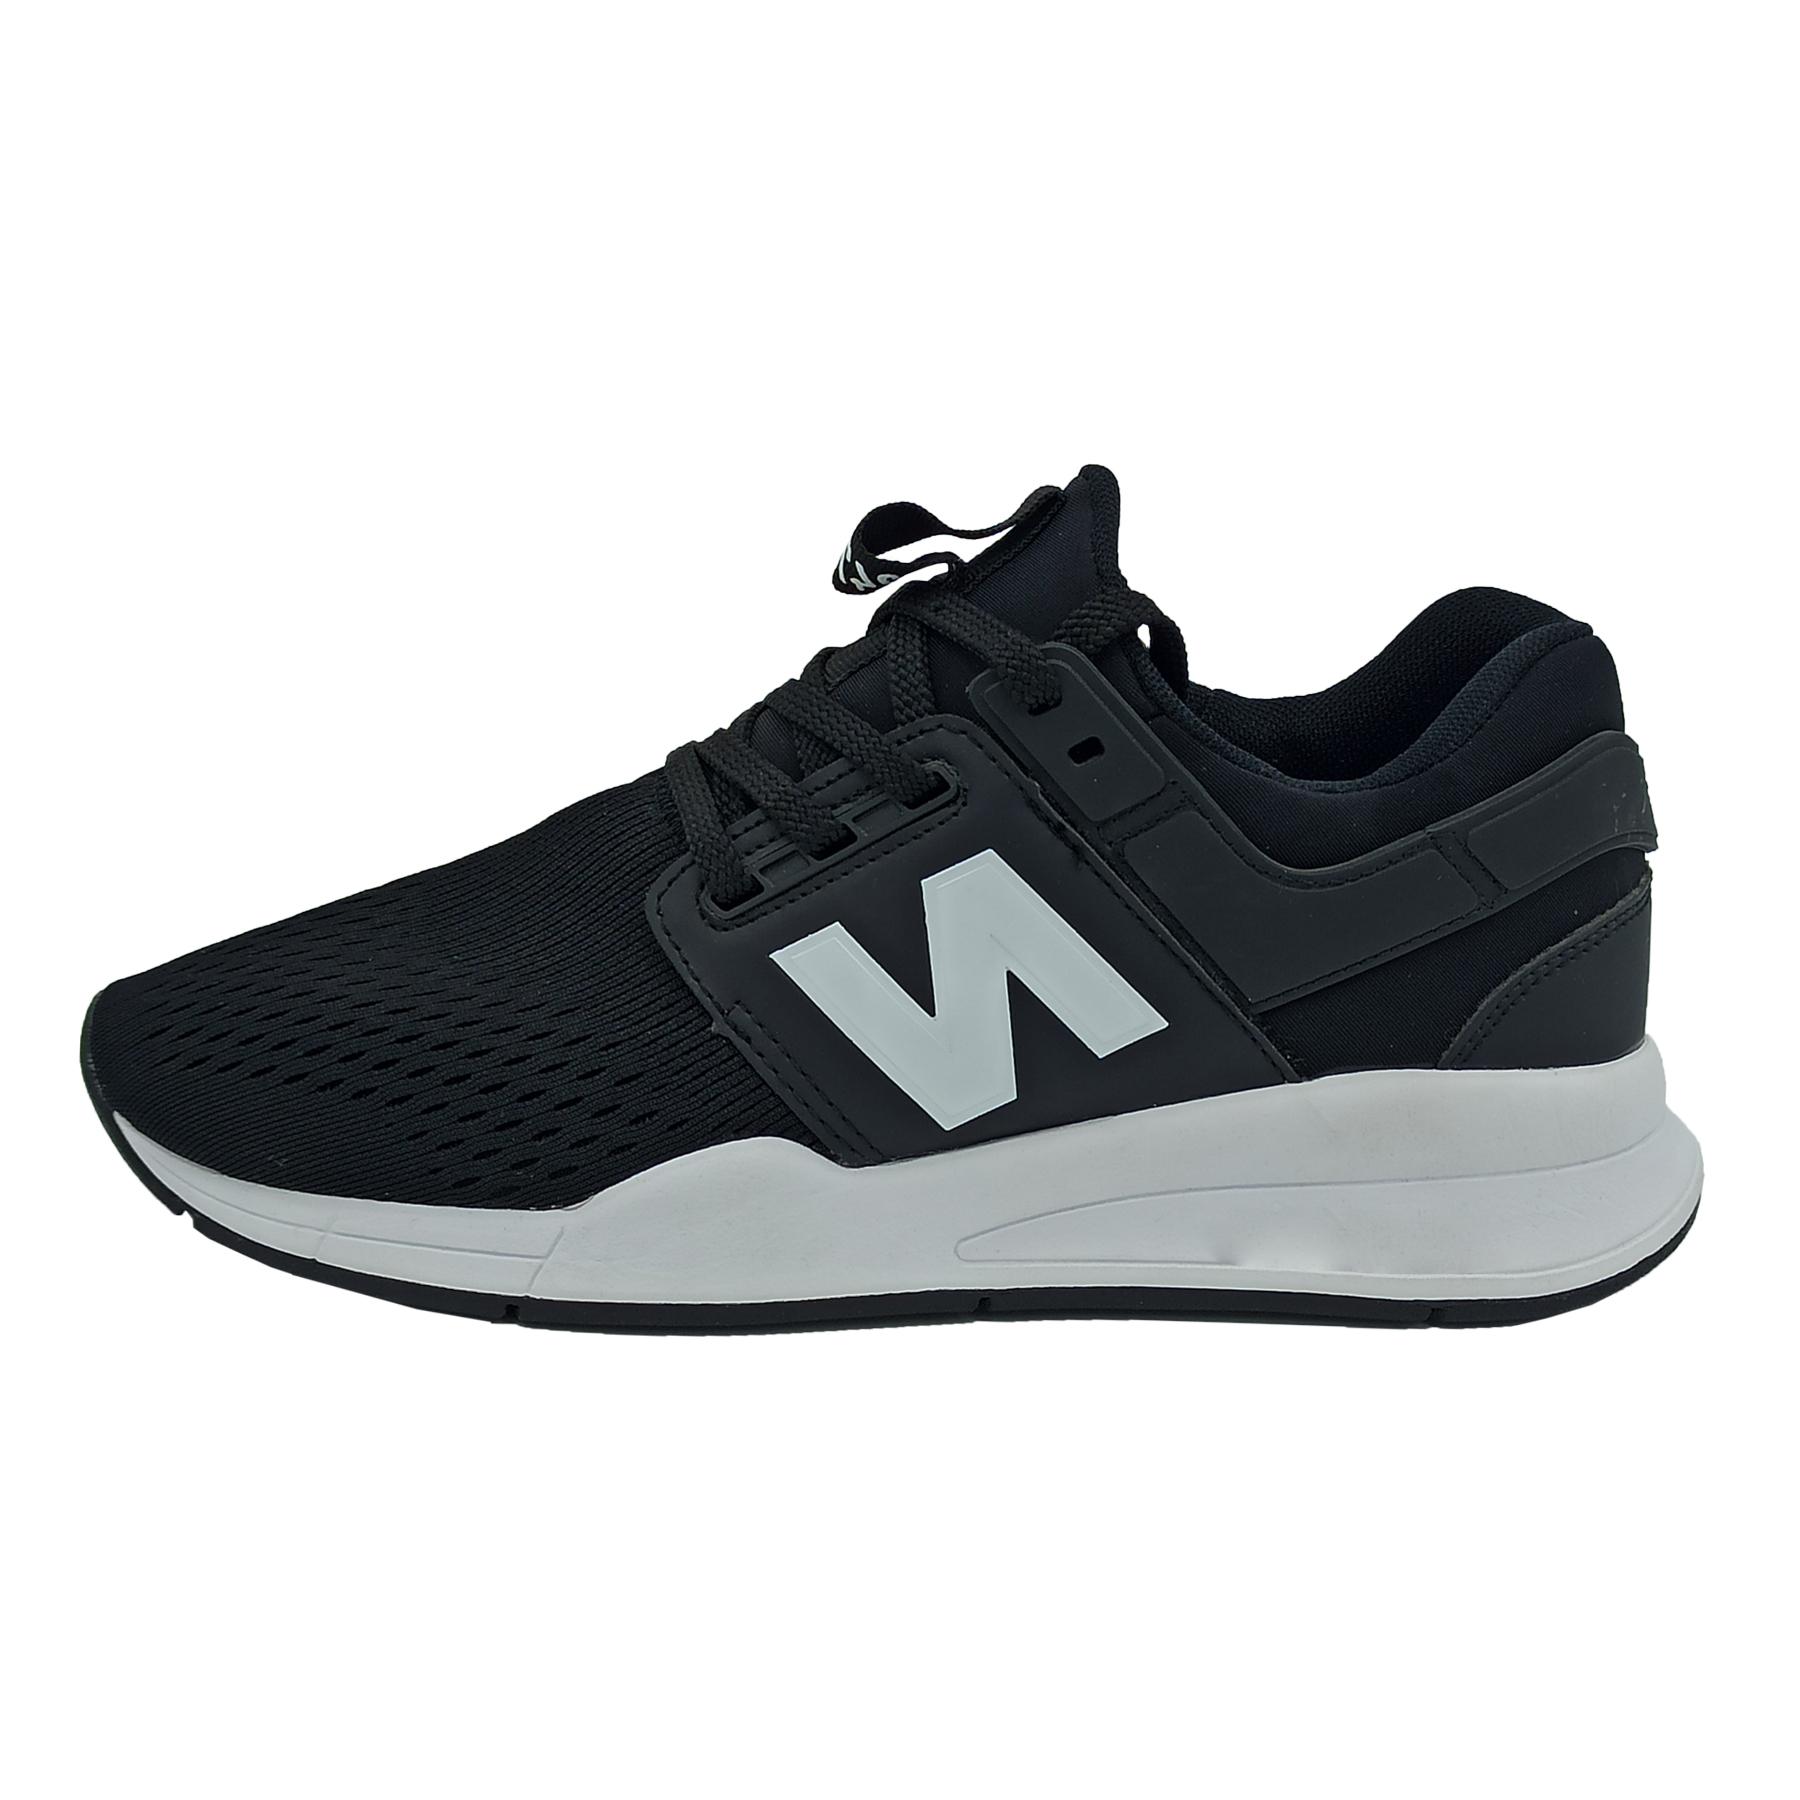 کفش پیاده روی نیو بالانس مدل ms247eb کد 21136